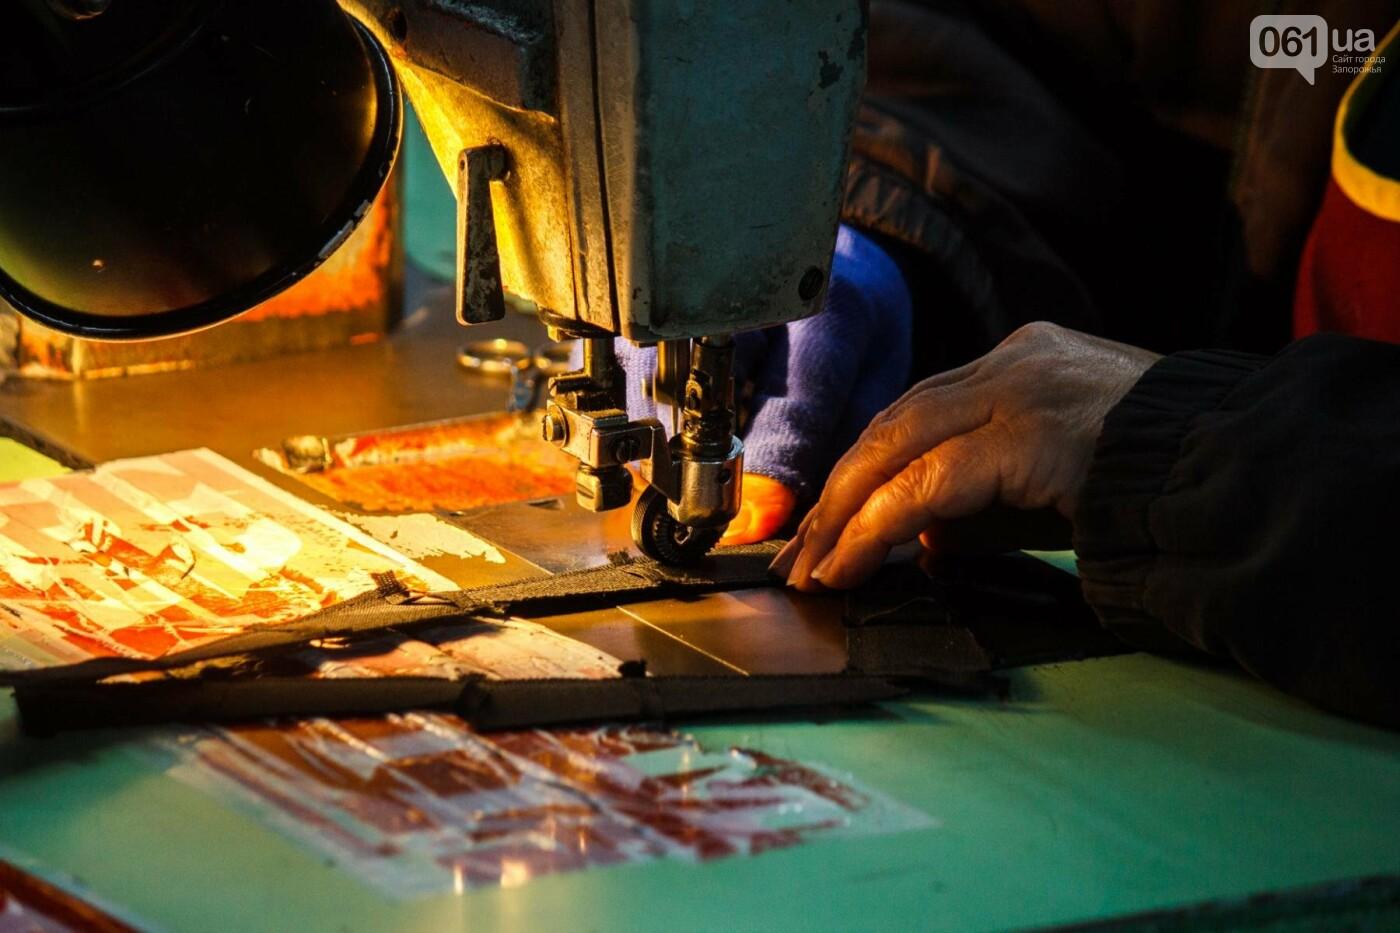 Как создается обувь: экскурсия на запорожскую обувную фабрику, – ФОТОРЕПОРТАЖ, фото-49